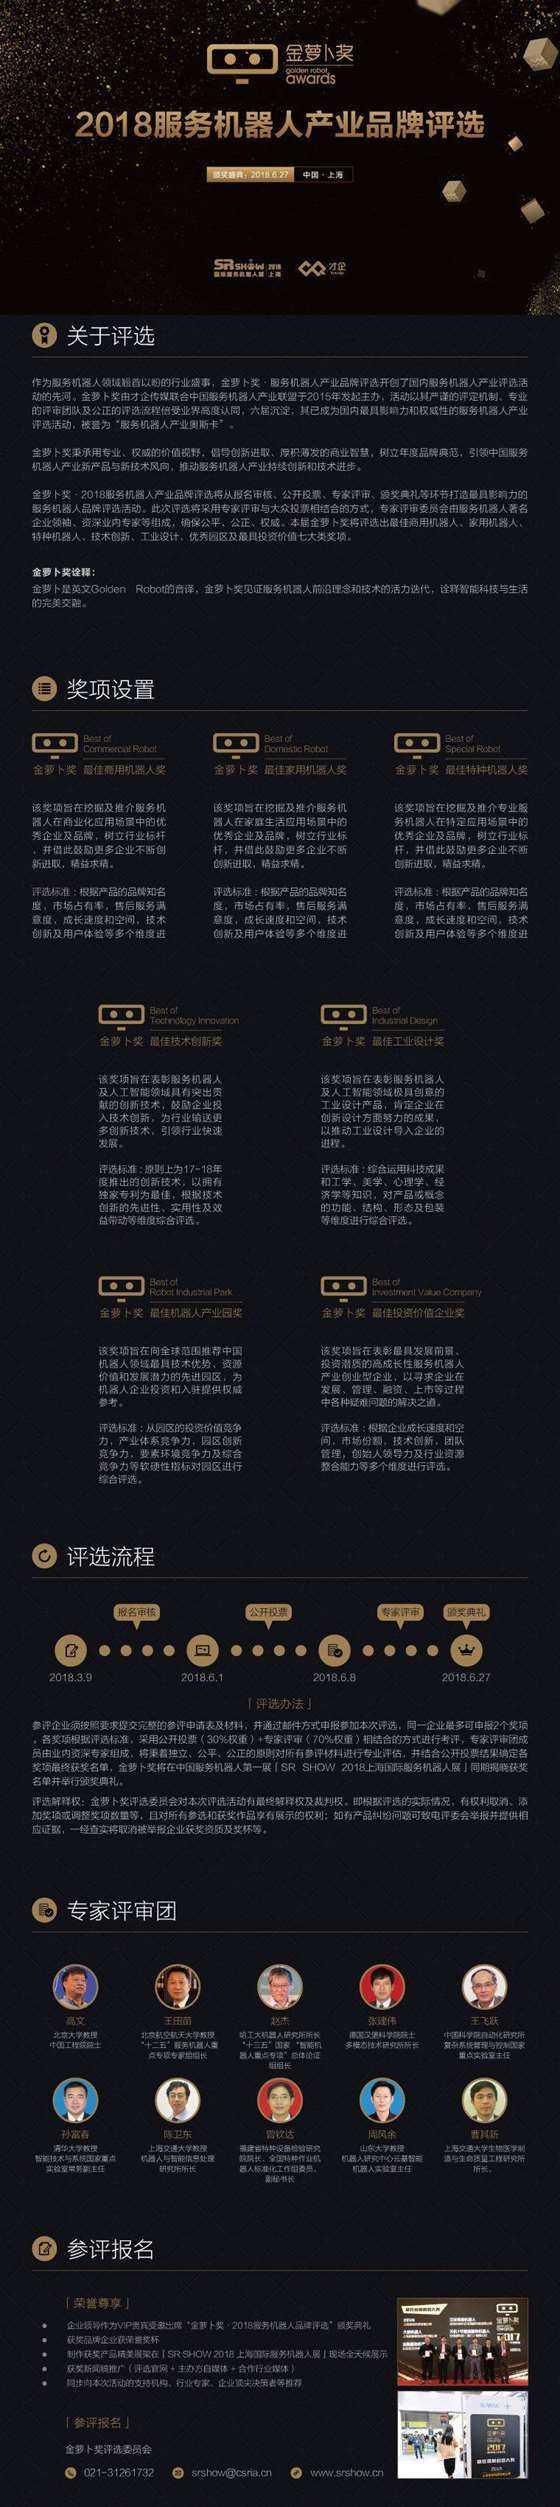 2018金萝卜奖平台发布-长图.jpg